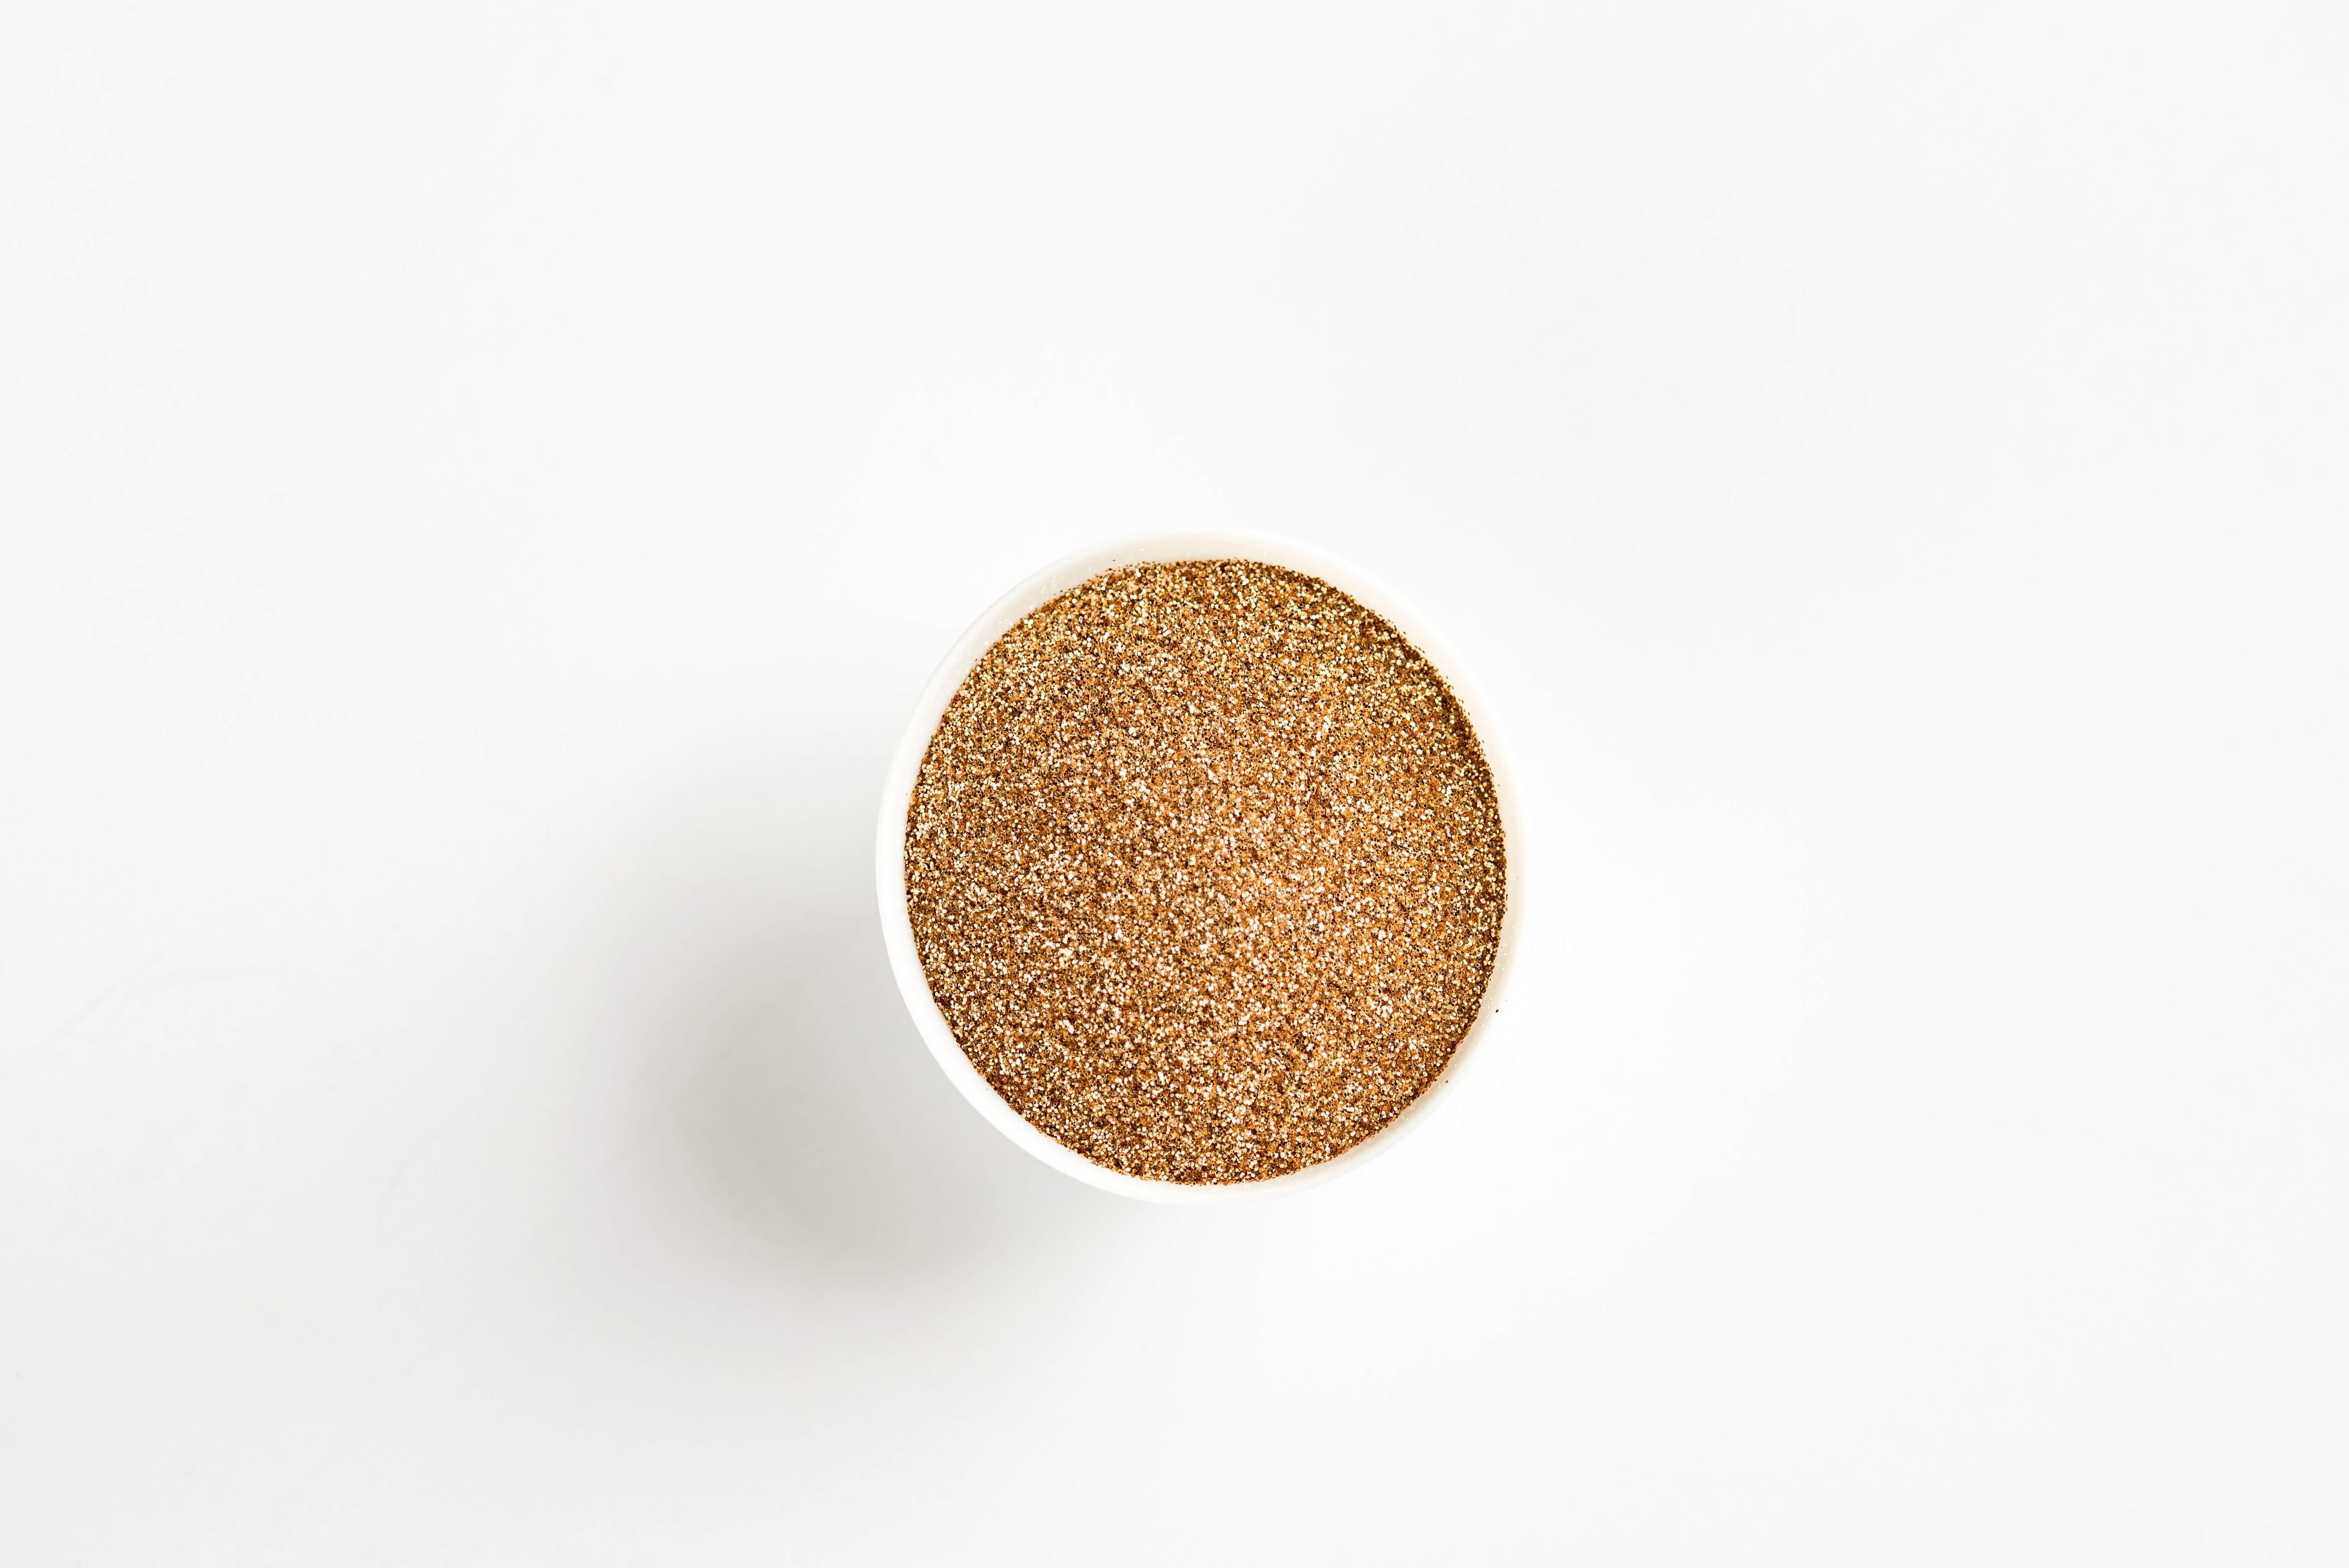 lijnzaad is gezond en helpt je bij het afvallen, het is te verkrijgen als gebroken lijnzaad, gemalen zaden of lijnzaadolie